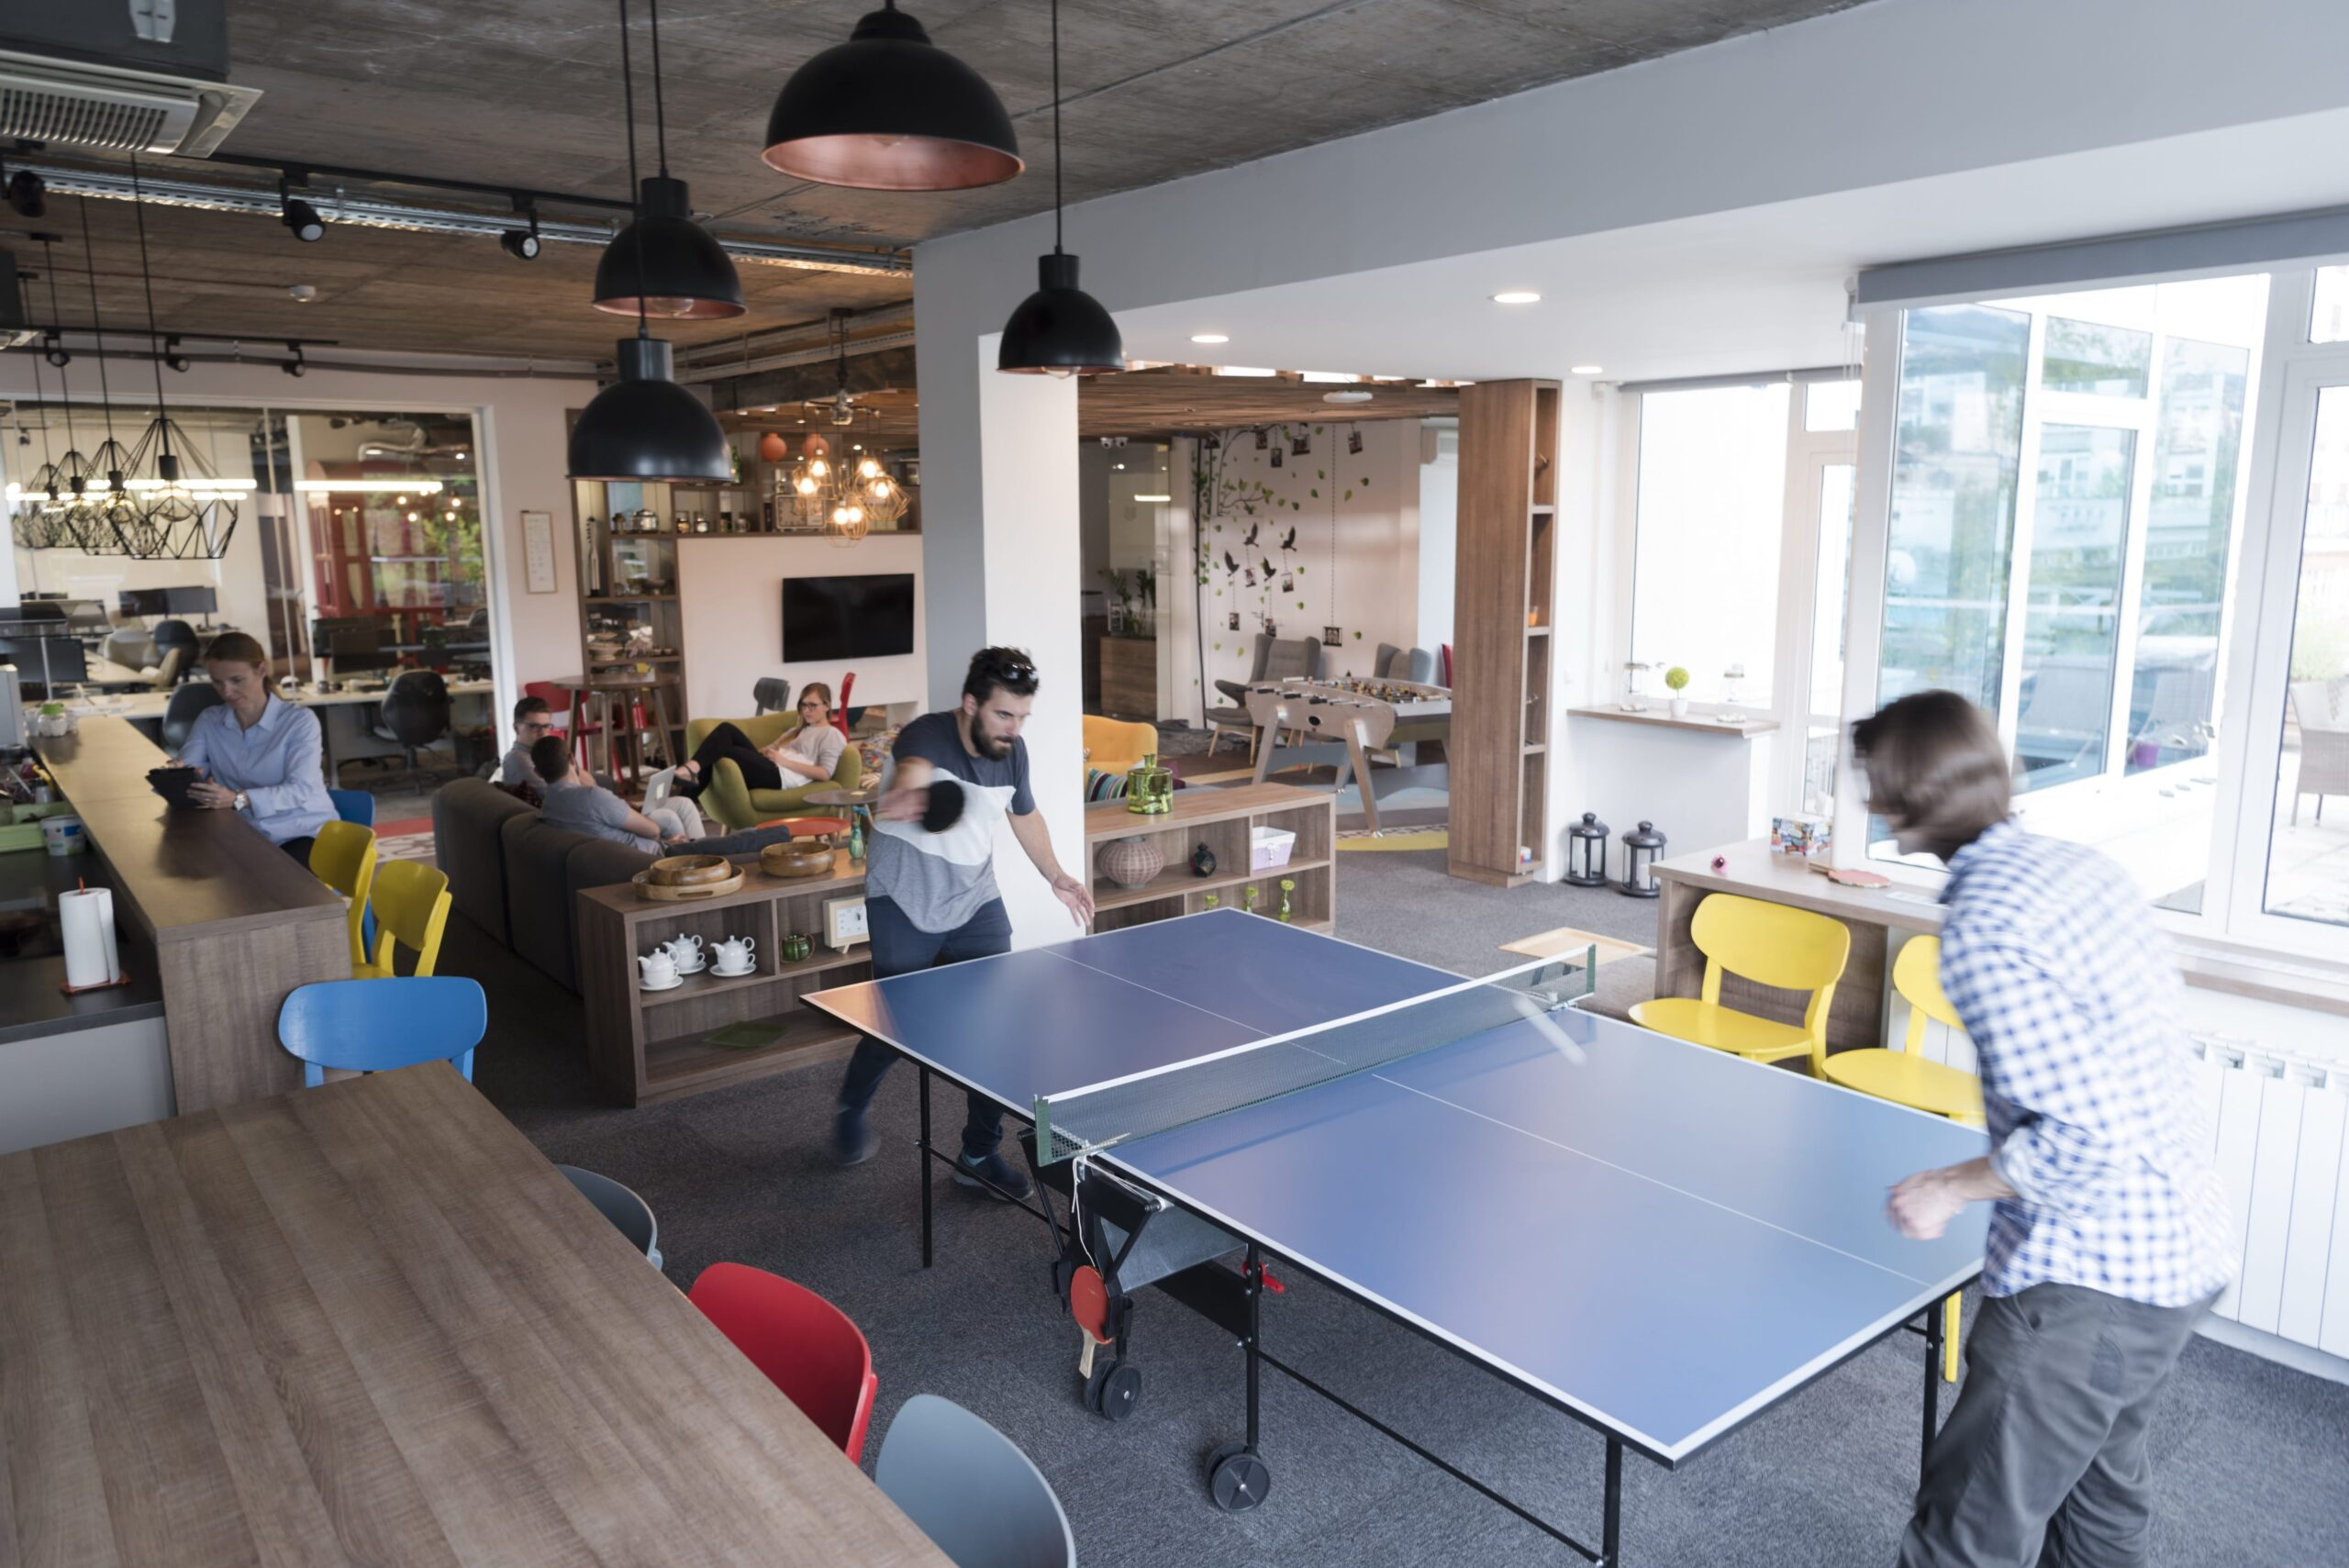 まとめ:オフィス環境を変えて、イノベーションを促そう